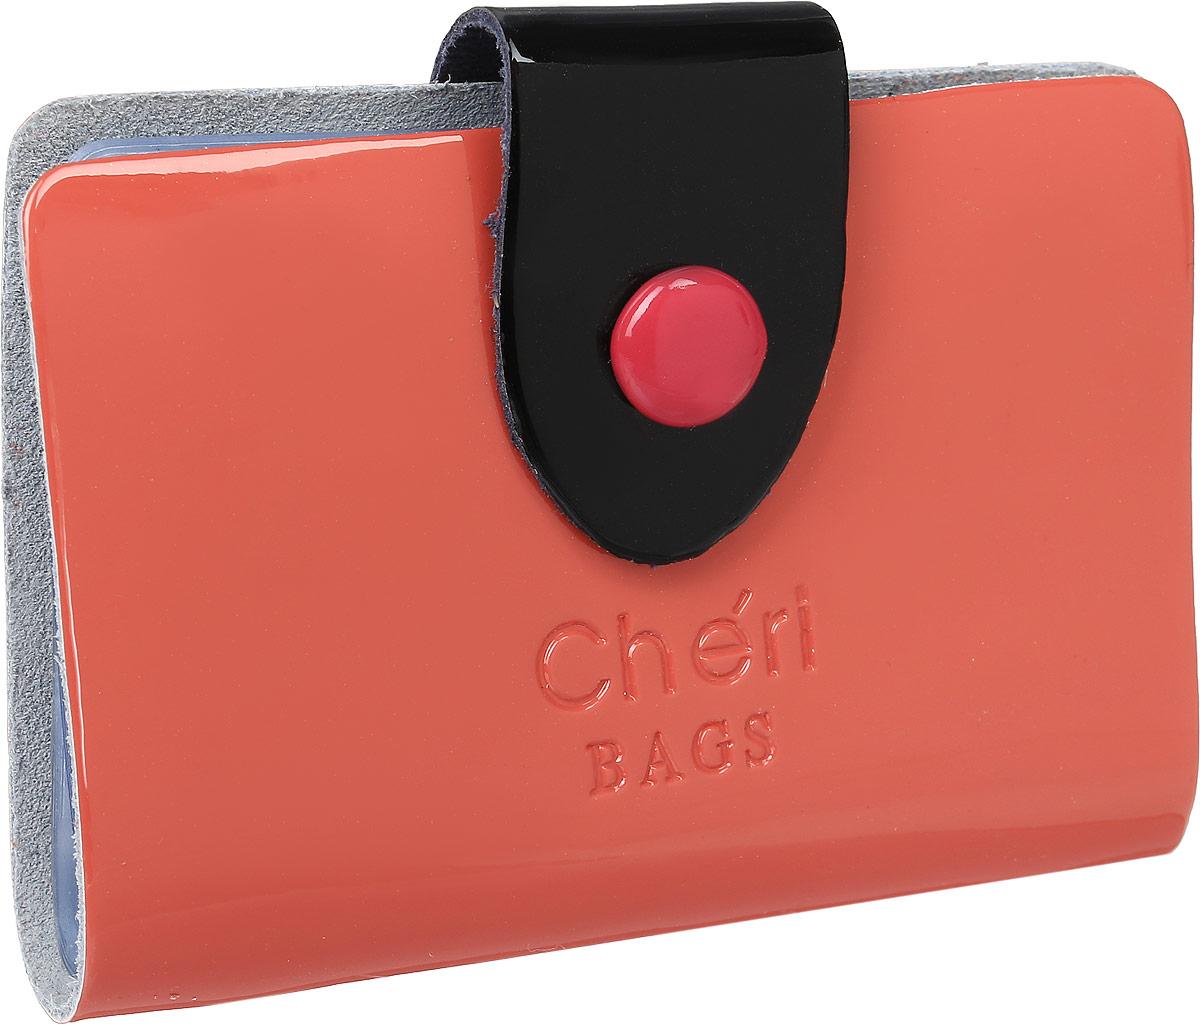 Визитница женская Cheribags, цвет: коралловый. V-0499-32B16-11416Визитница Cheribags выполнена из натуральной лаковой кожи и оформлена тисненой надписью с названием бренда. Изделие закрывается хлястиком на кнопку. Внутри расположено 26 файлов для визиток и карт.